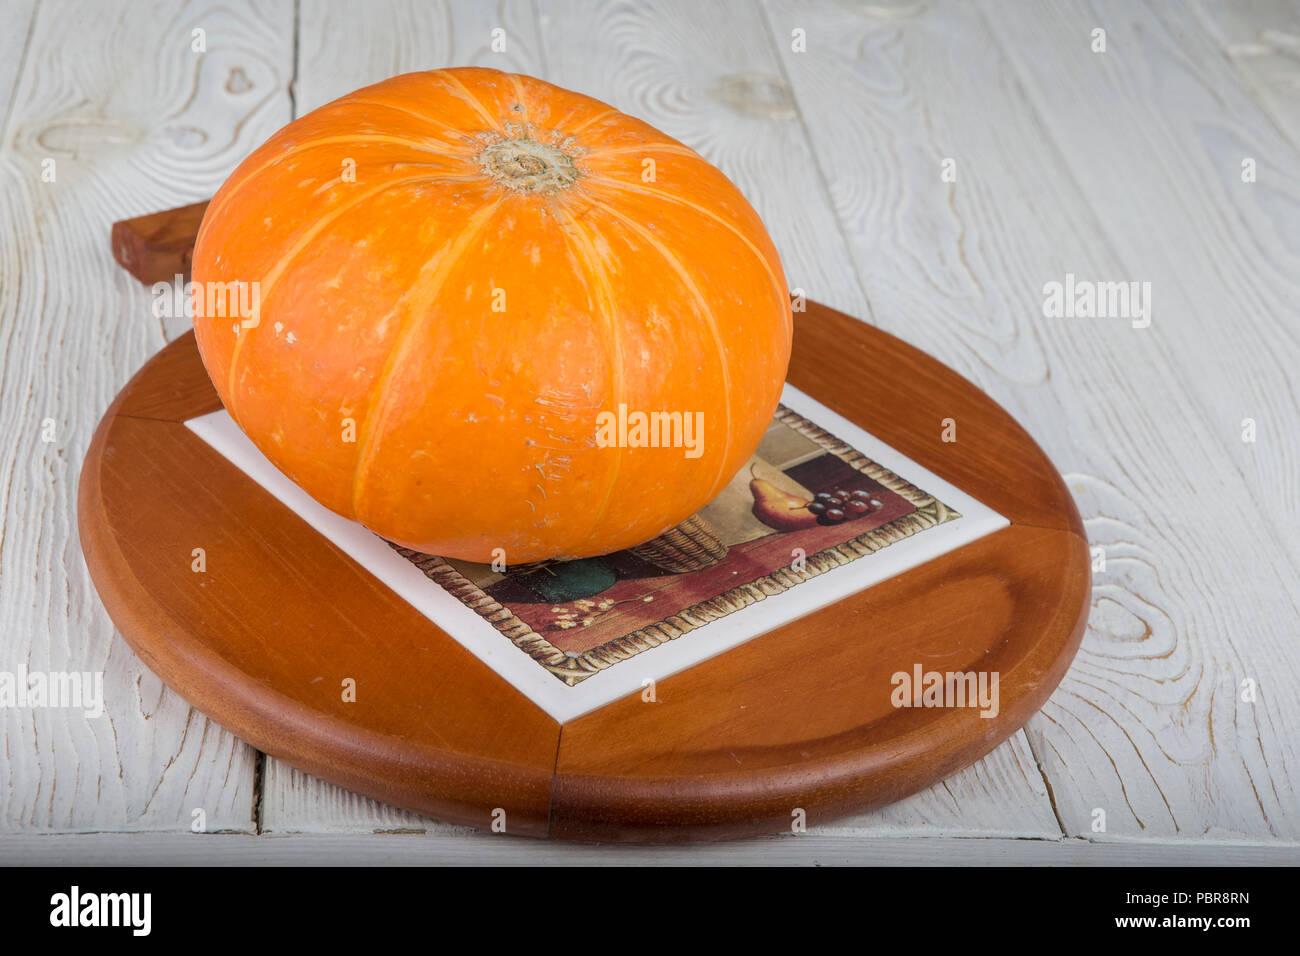 Frais mûrs citrouille. Sur une table en bois Banque D'Images